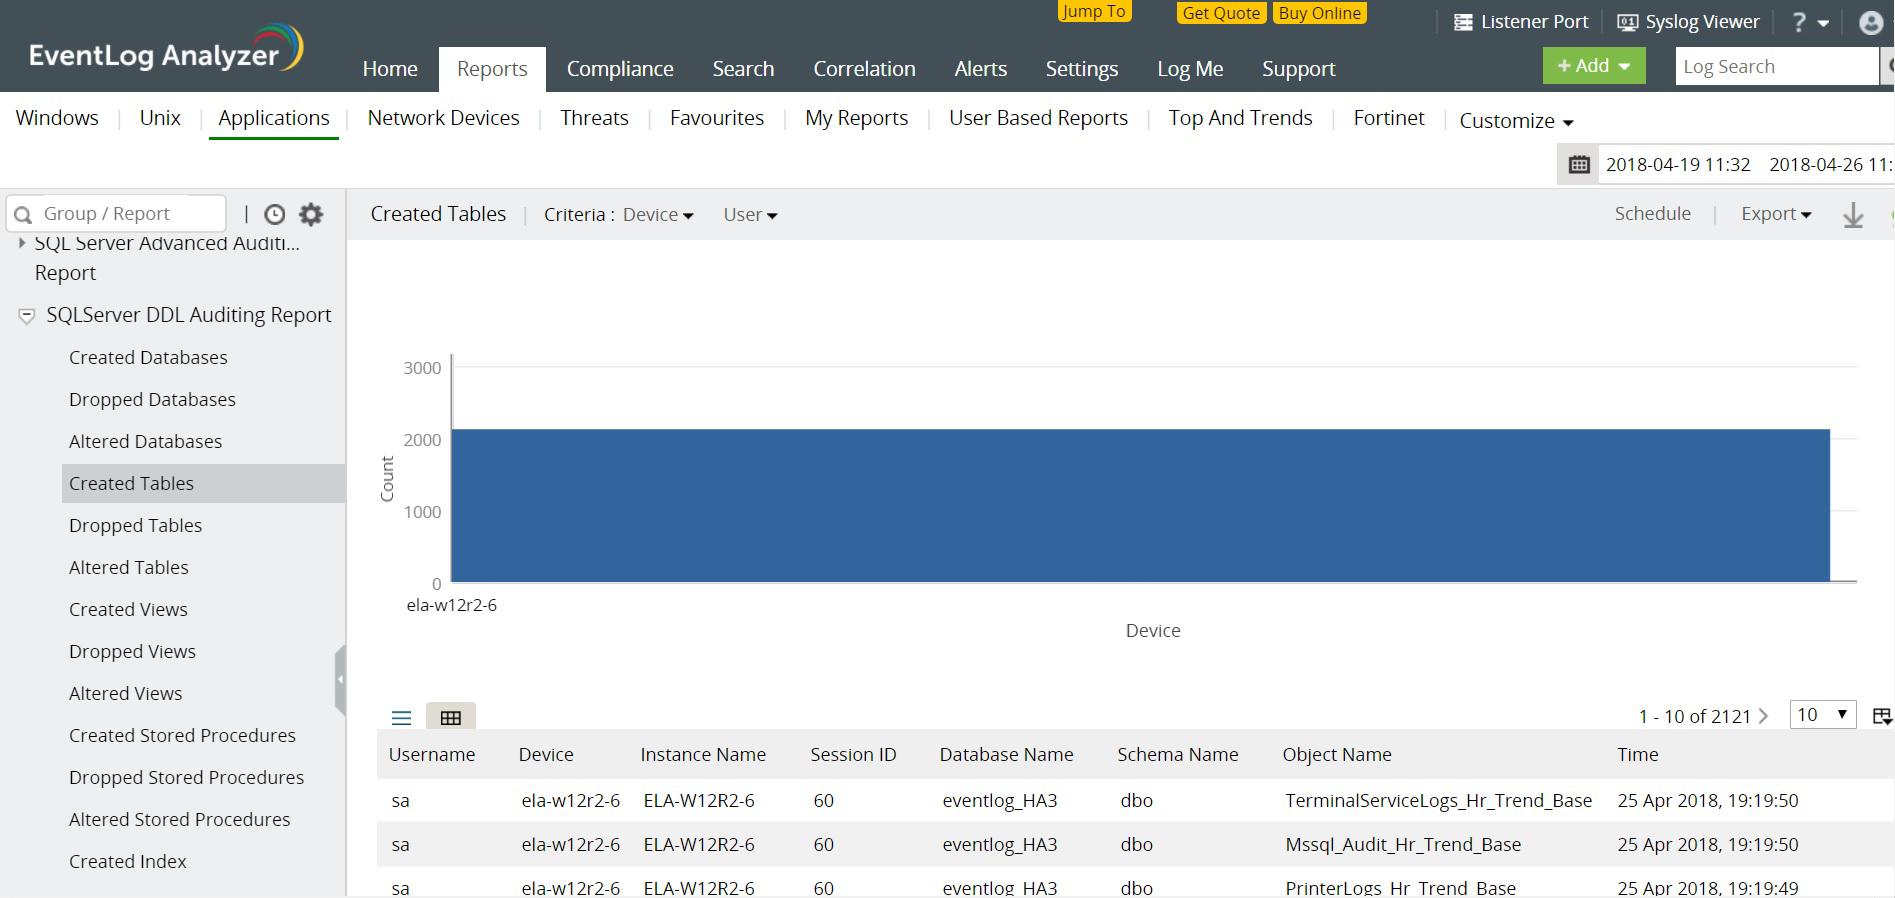 MS SQL Sunucu DDL denetleme raporları